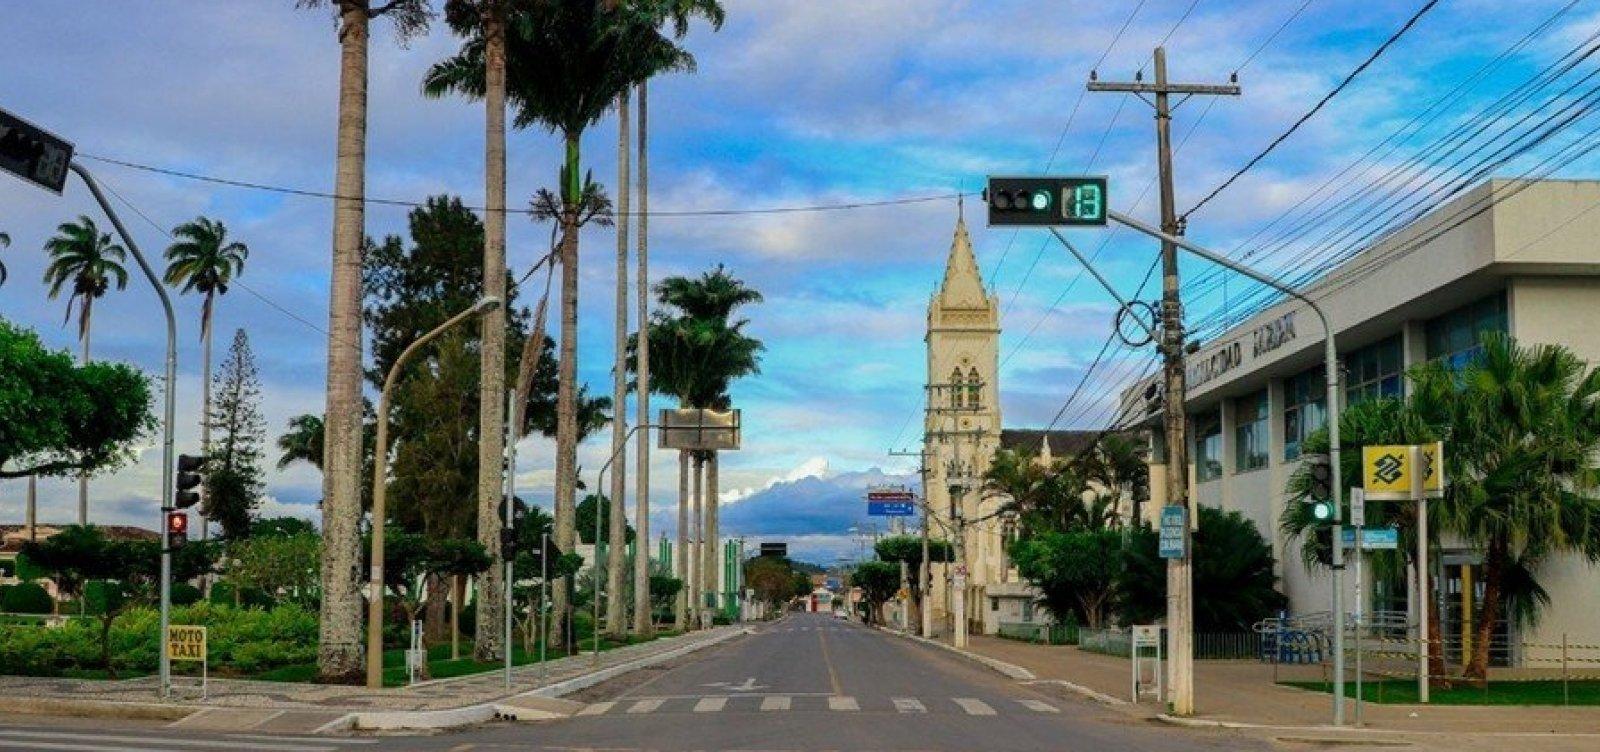 Novos tremores de terra são sentidos em distrito de Amargosa